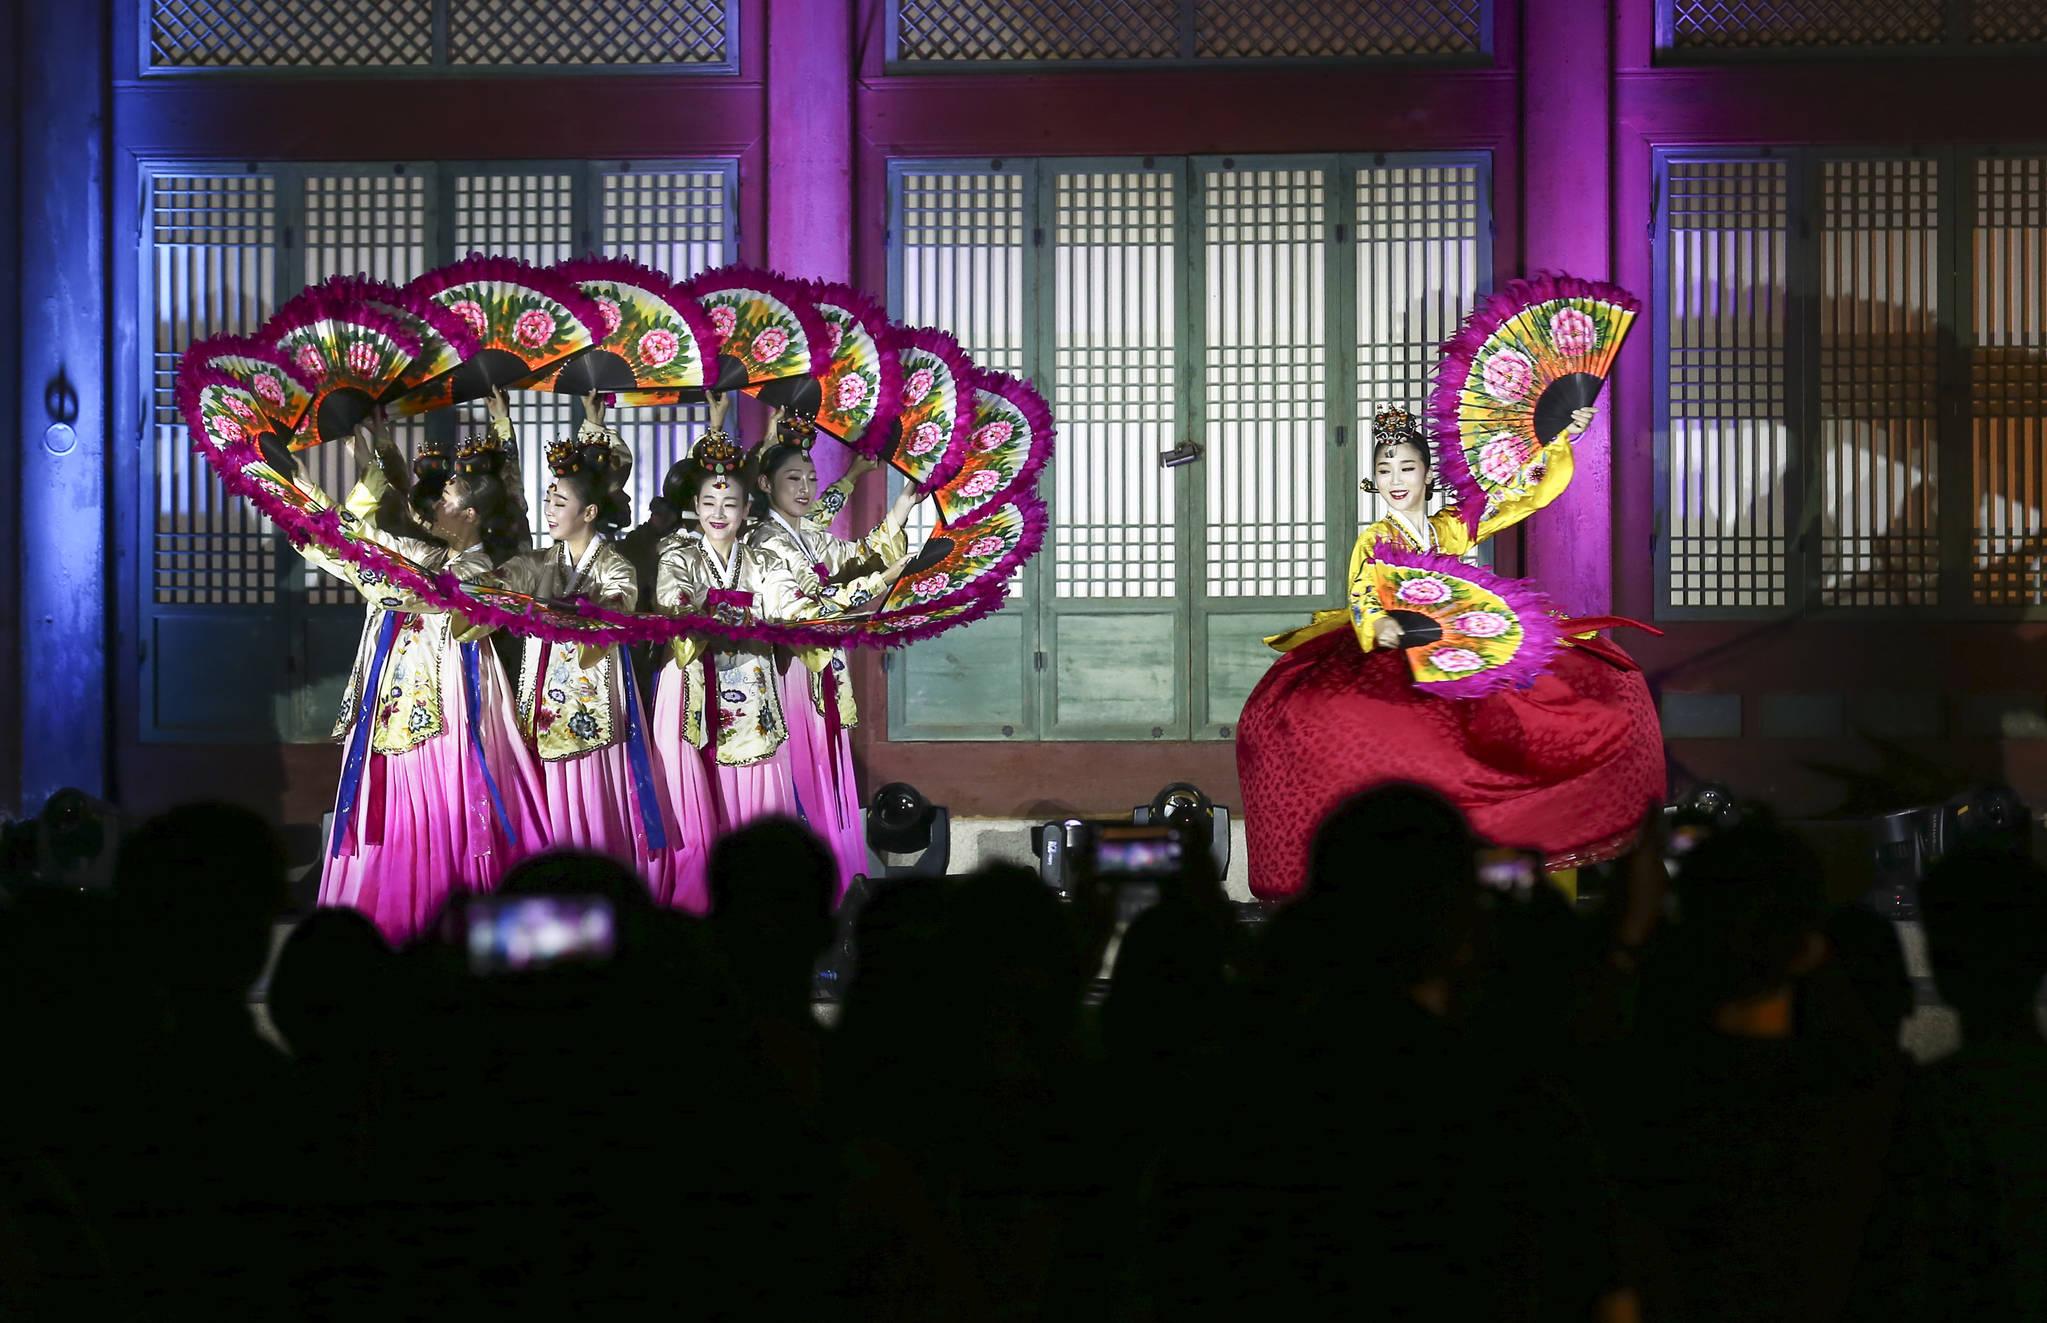 경복궁 야간특별관람 때 수정전 앞에서 전통공연이 열린다. 무용수들이 부채춤을 선보이고 있다. 임현동 기자